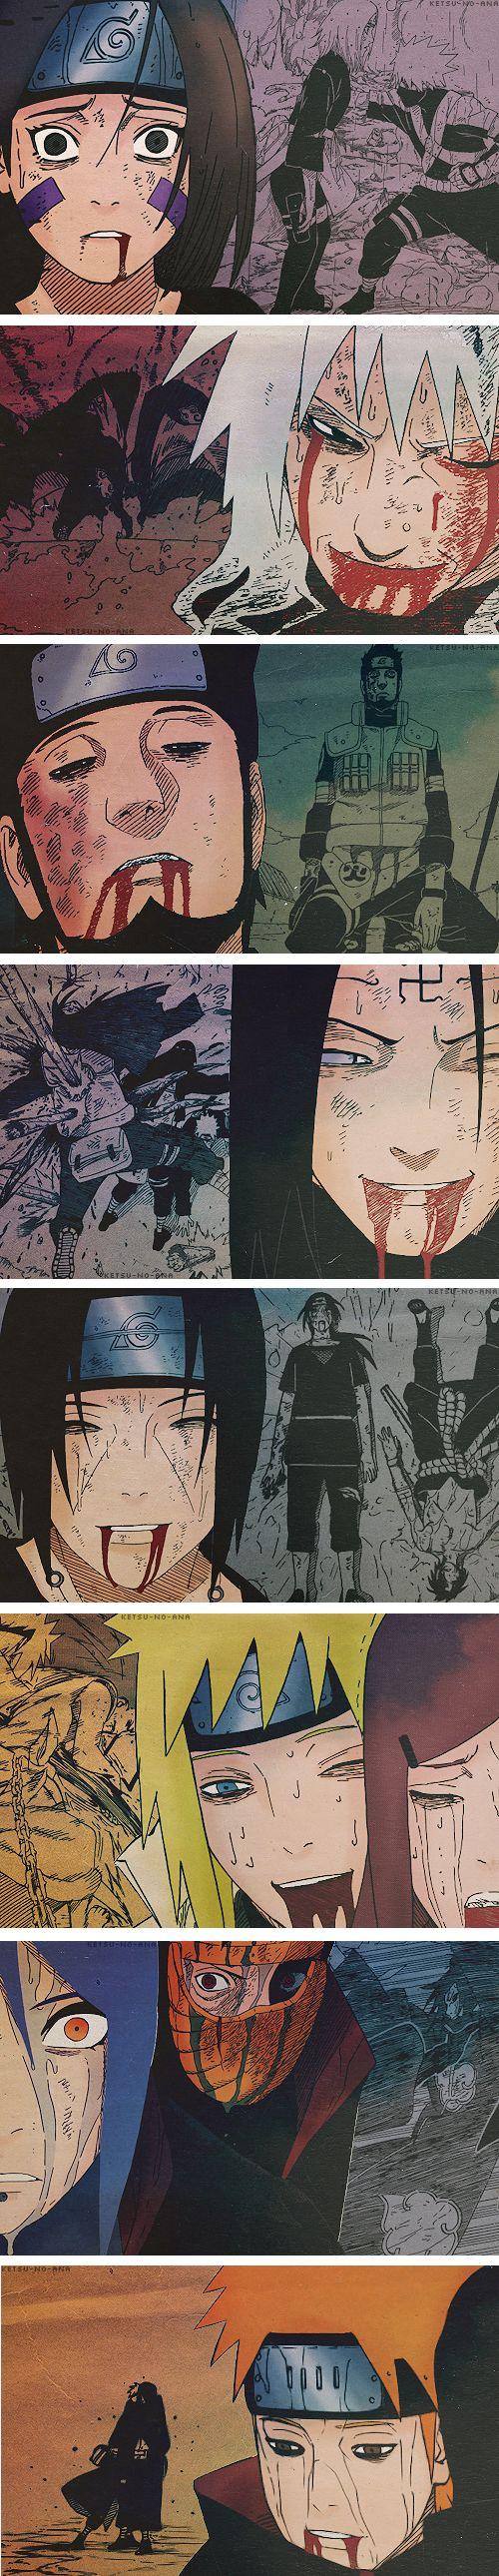 Deaths in Naruto. So, sad.   :'(